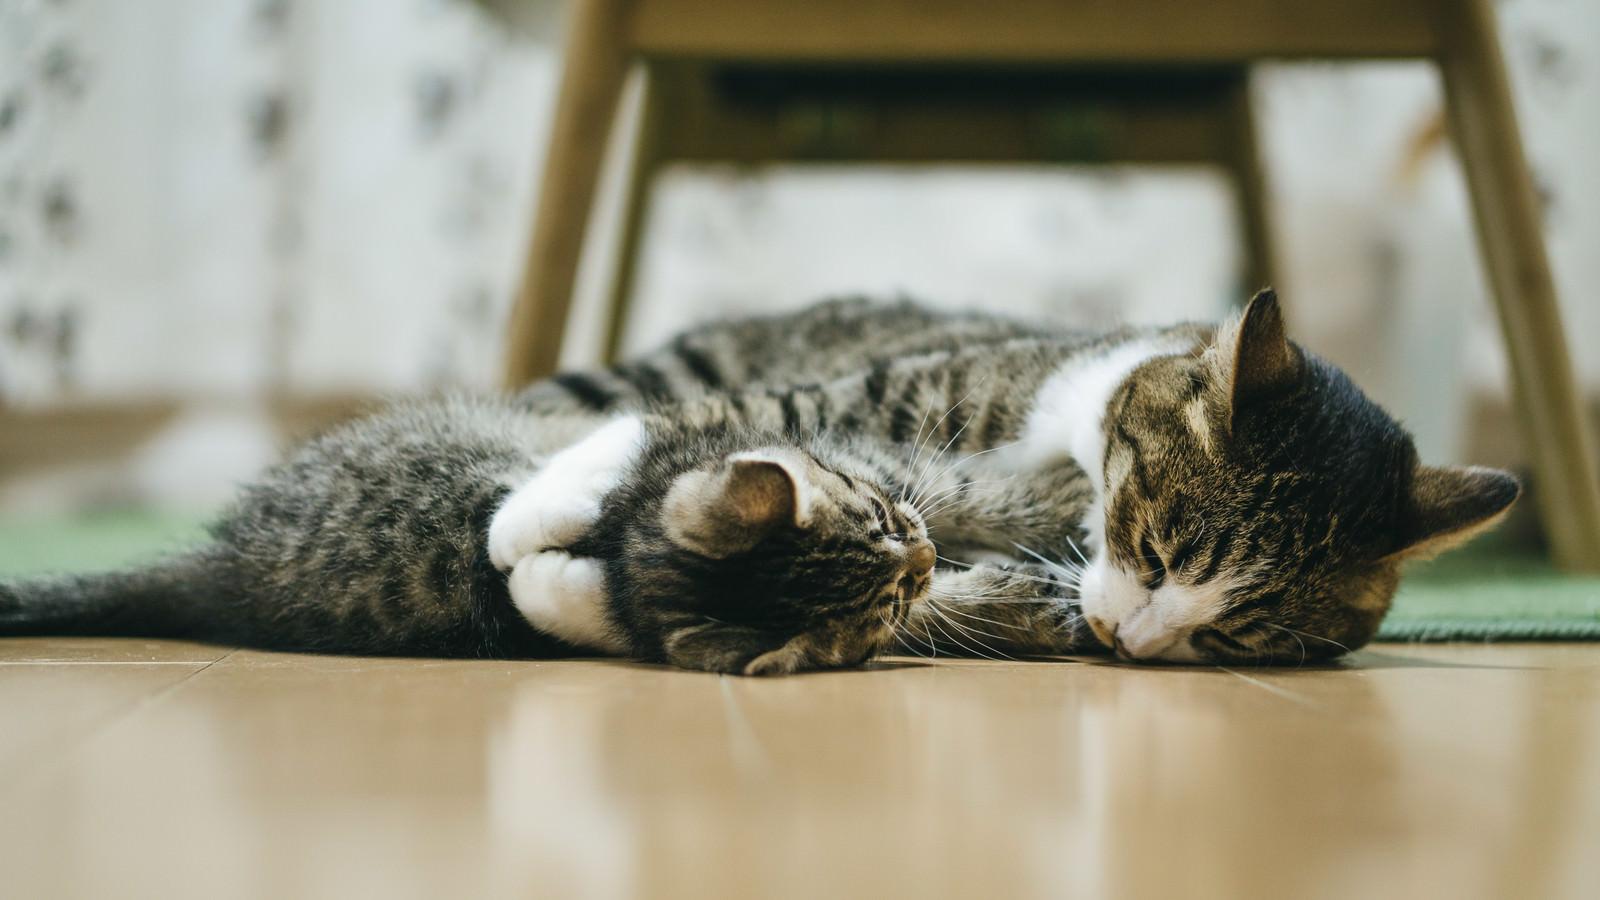 「スキンシップ中の猫(親猫と子猫)」の写真